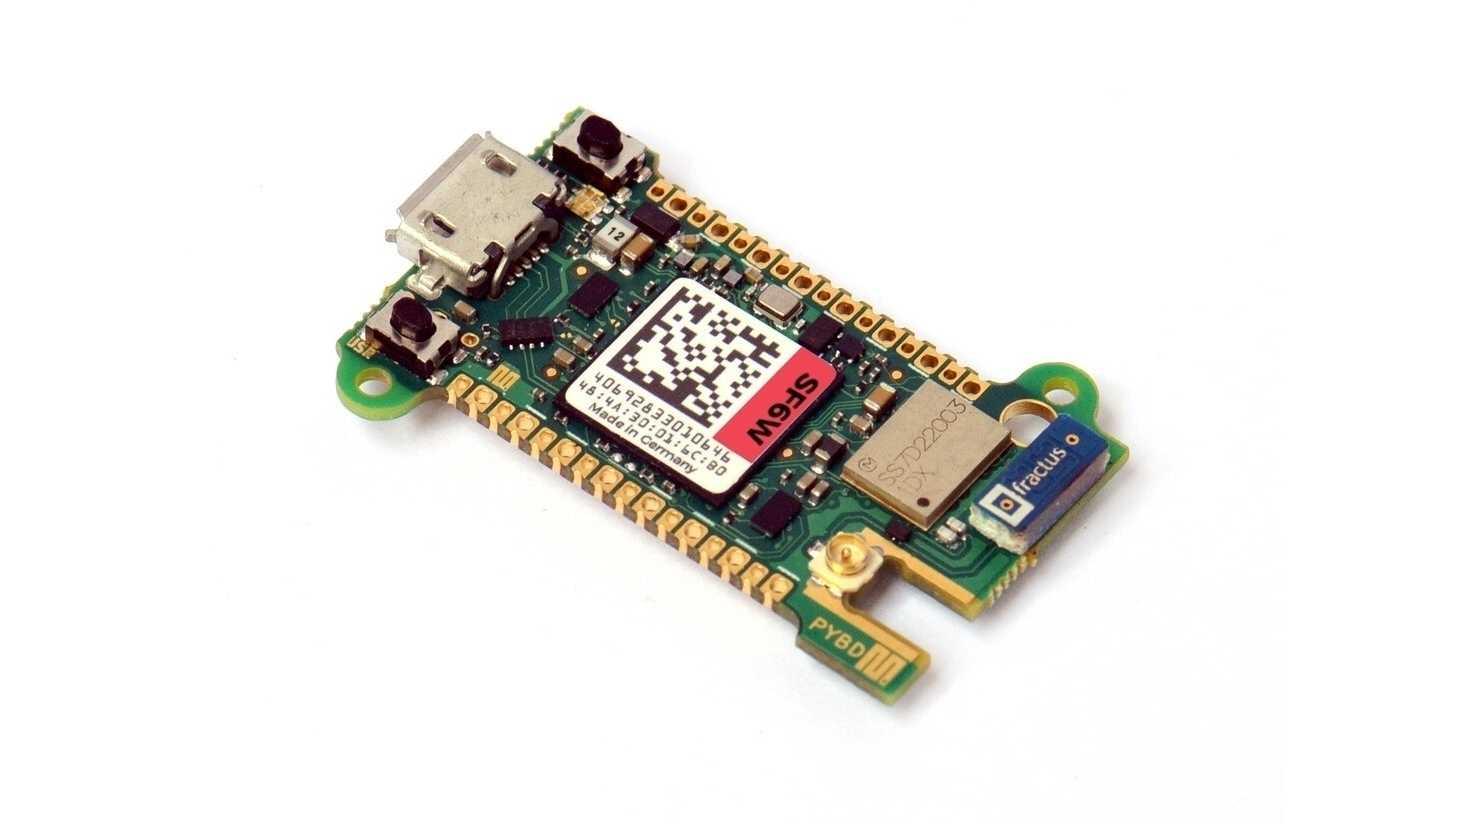 pyboard D mit STM32F767 und WiFi/BT.